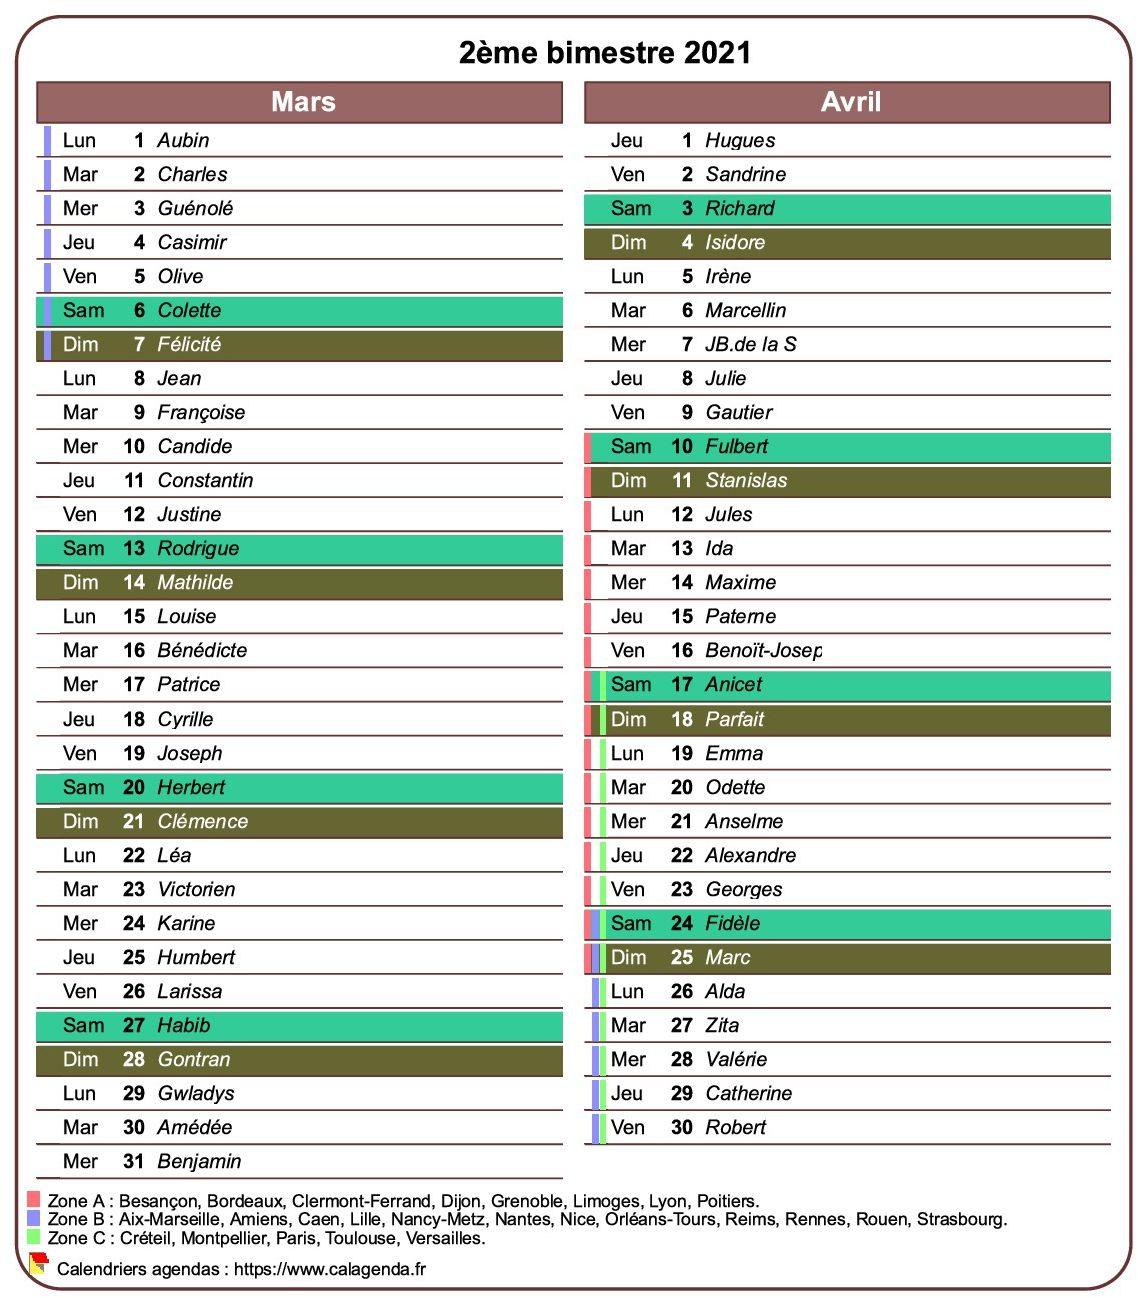 Calendrier 2021 bimestriel avec agenda détaillé, format portrait, une colonne par mois